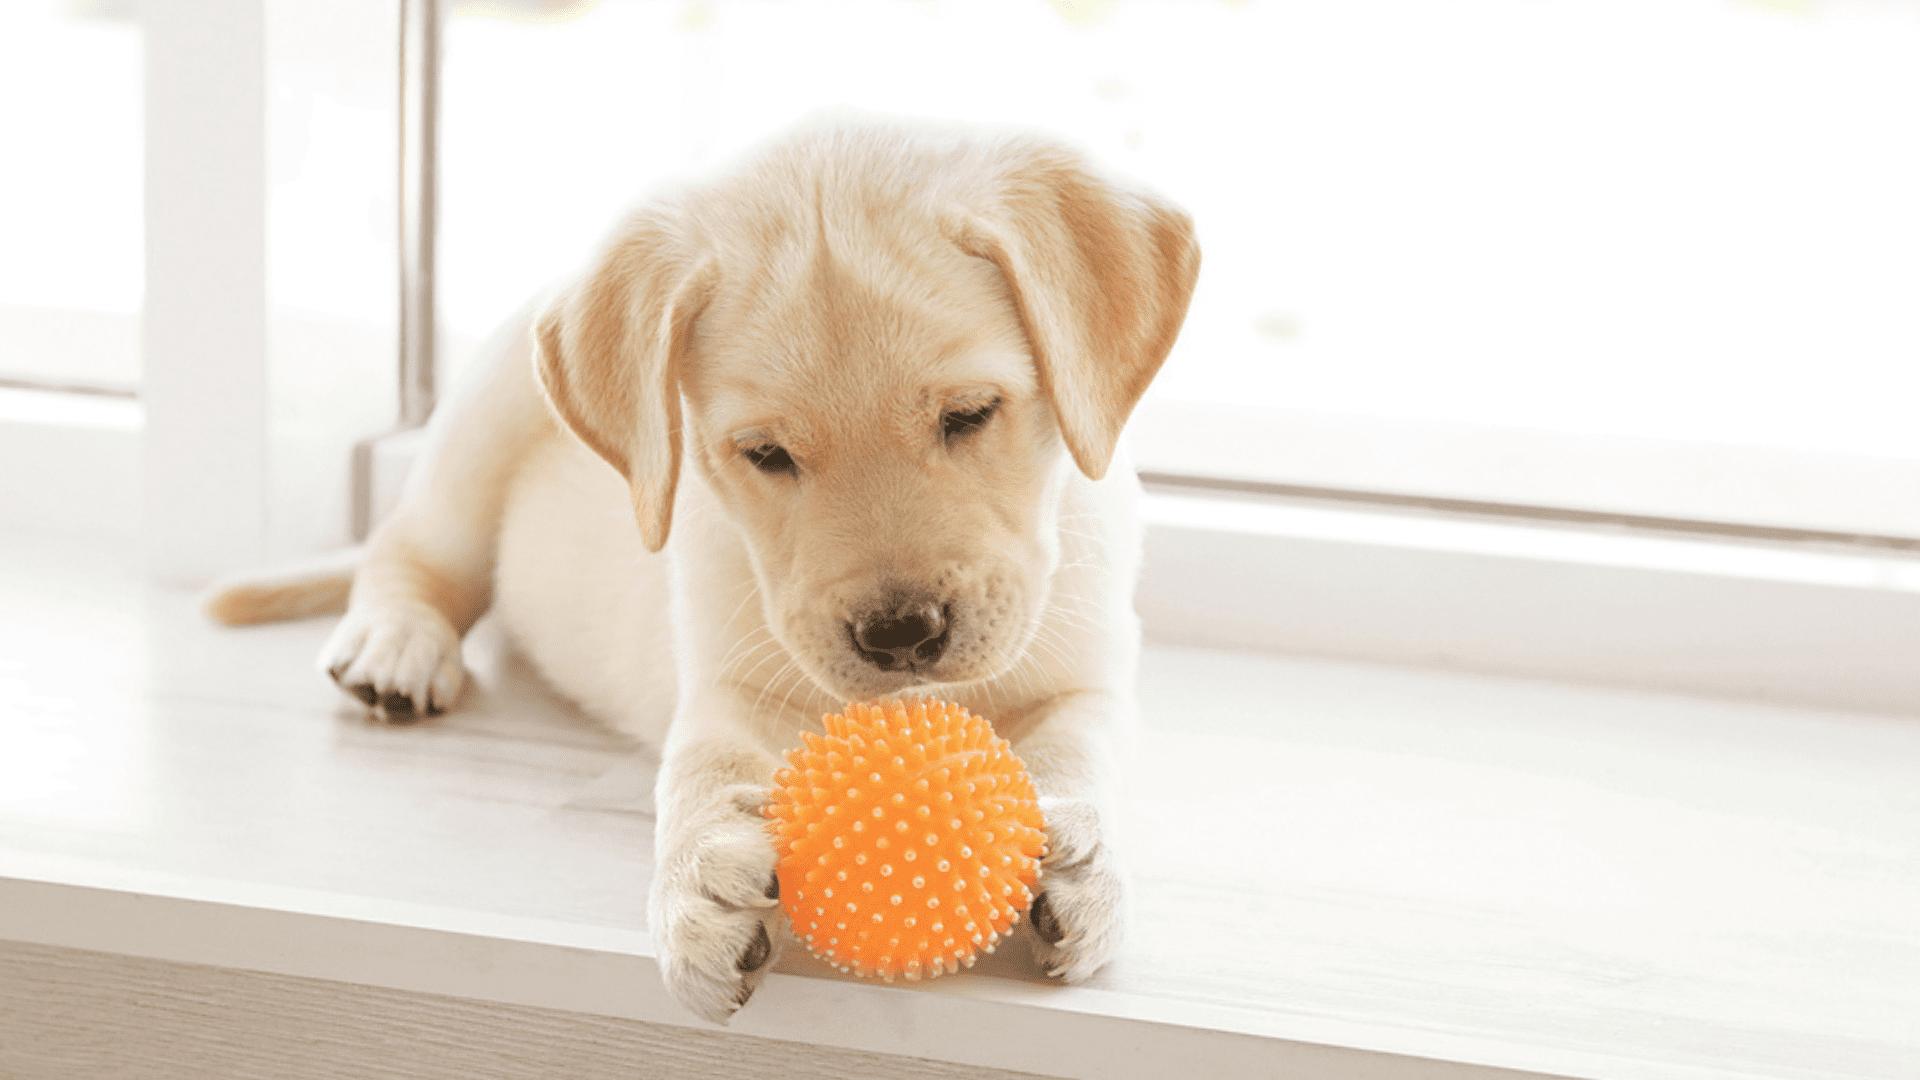 A bolinha para cachorro é barata e, de quebra, gasta a energia do filhote (Reprodução/Shutterstock)